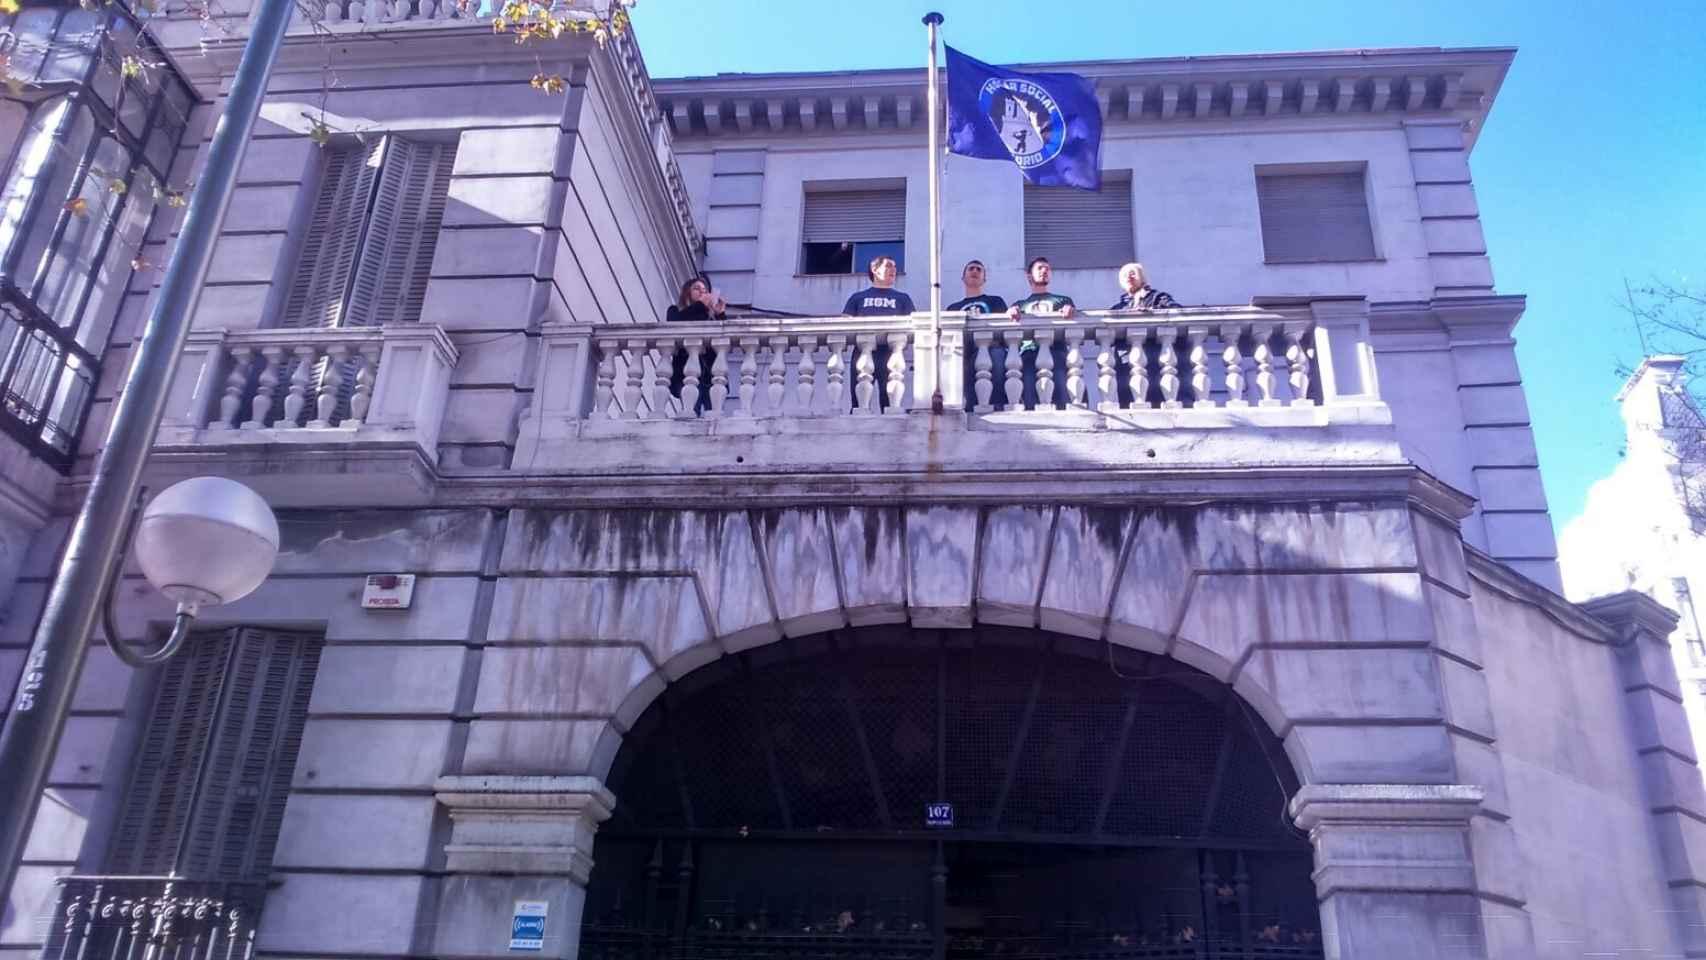 Los okupas de Hogar Social Madrid tras la usurpación del edificio. Hogar Social Madrid